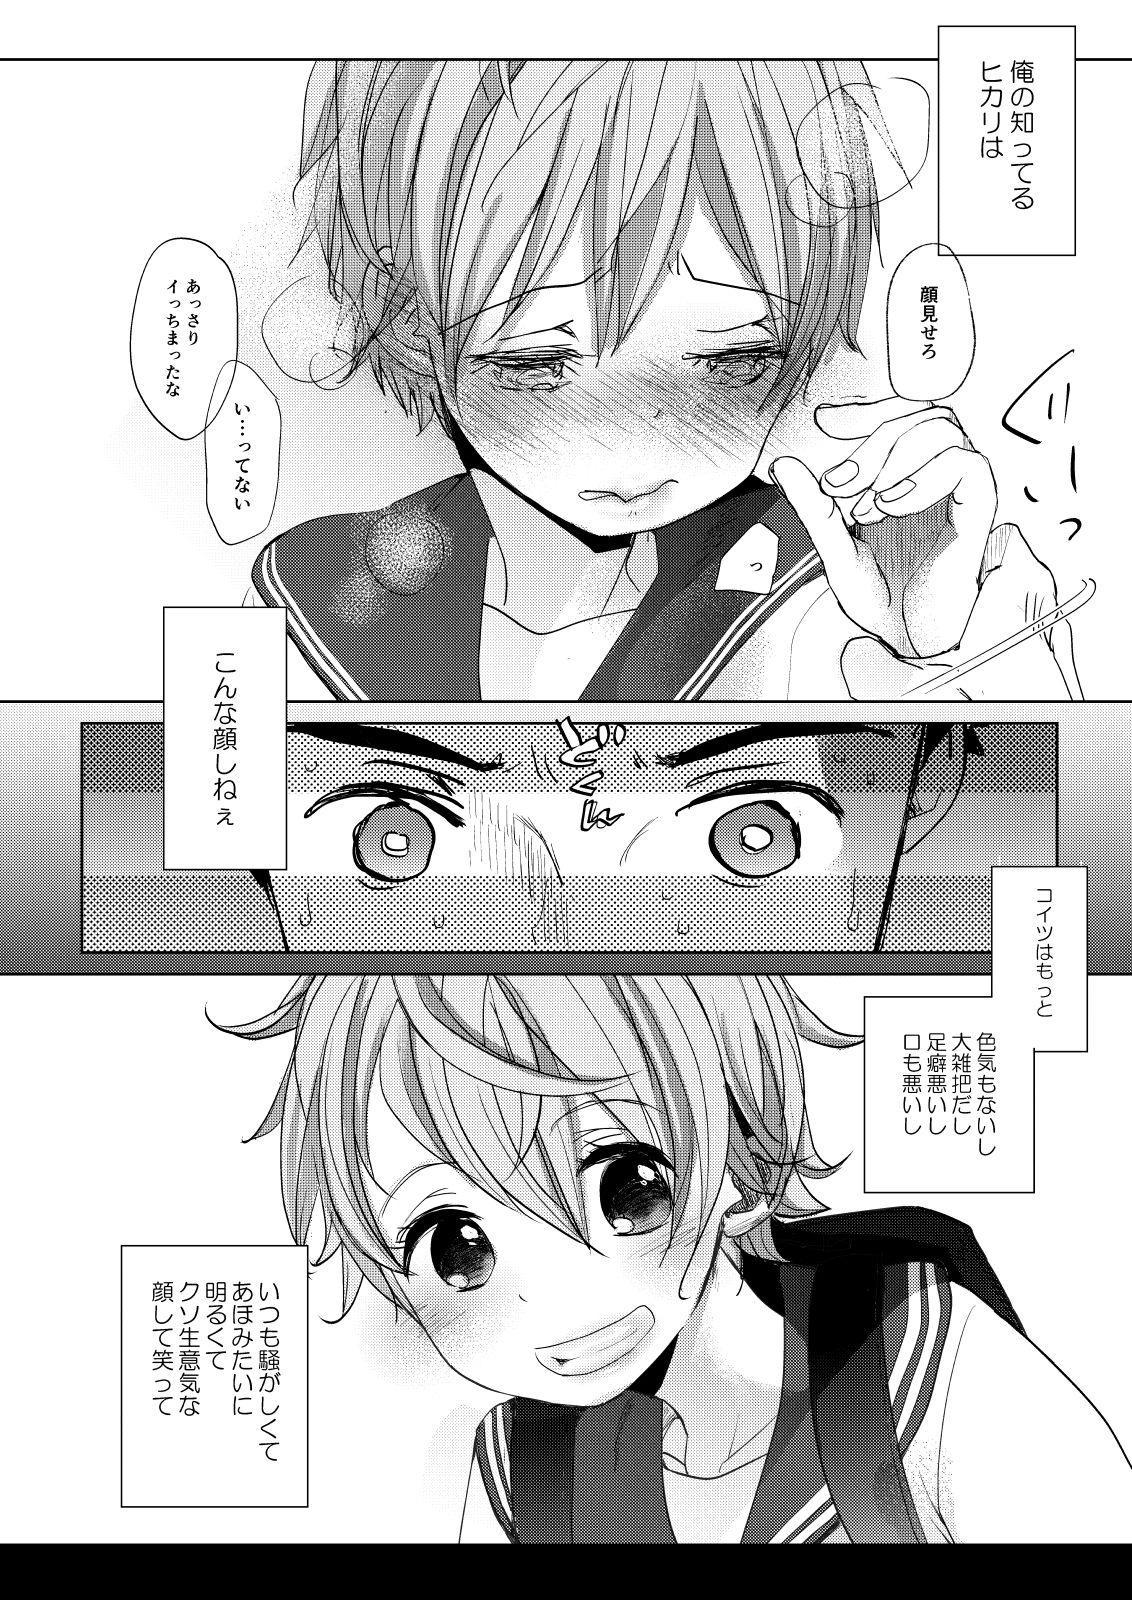 Ore no Himitsu Kichi 16